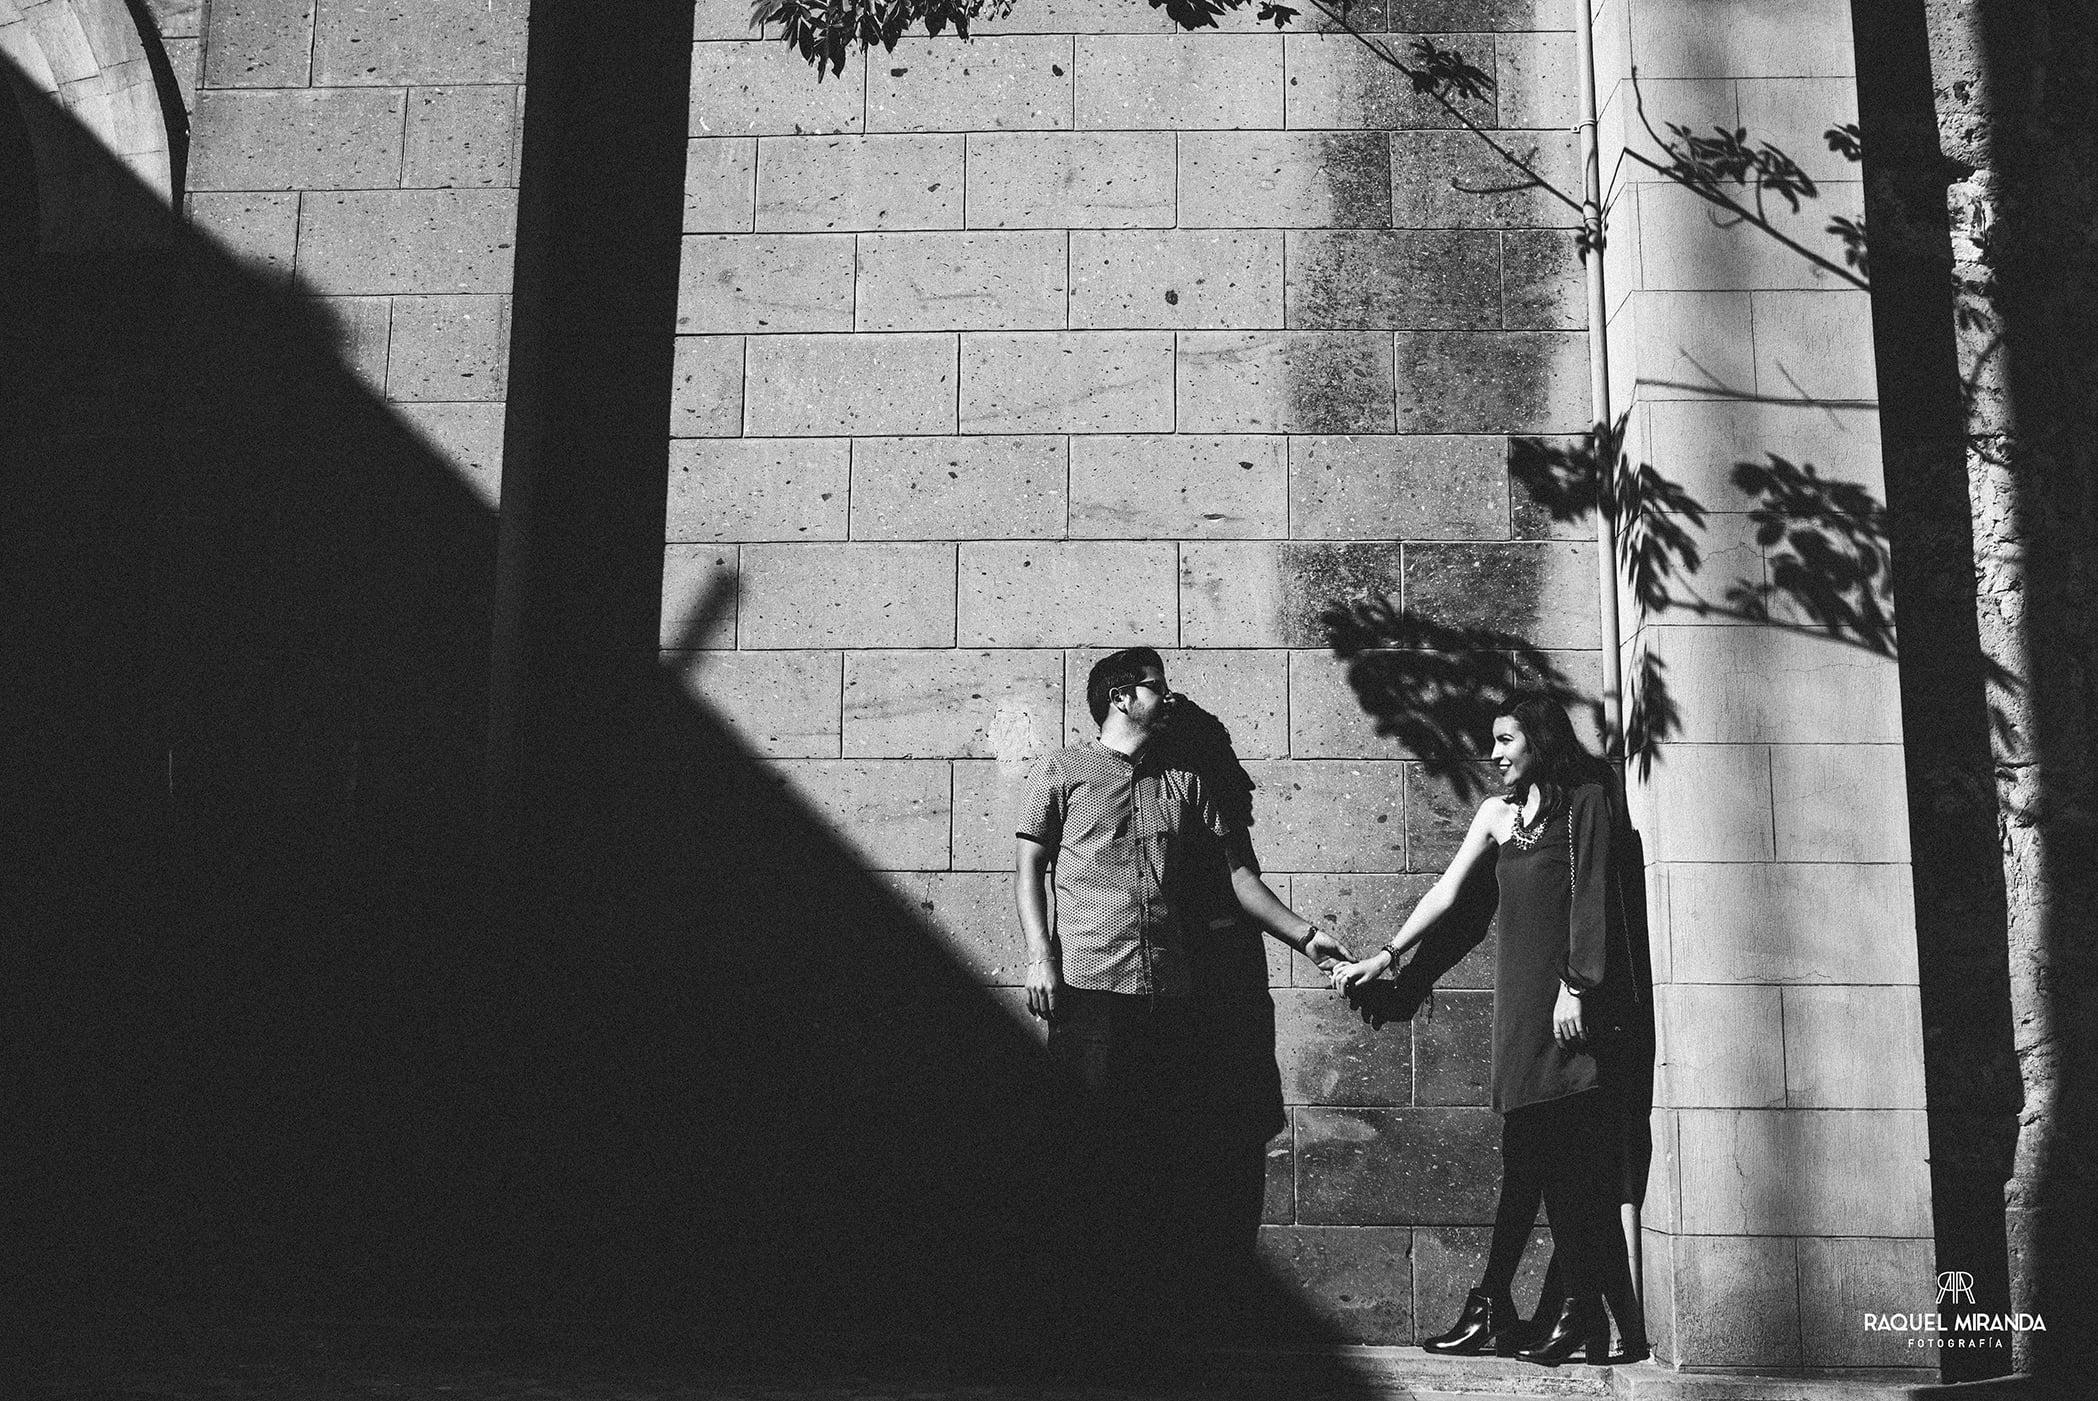 raquel miranda fotografía | sesión | angela&alvaro-24.jpg